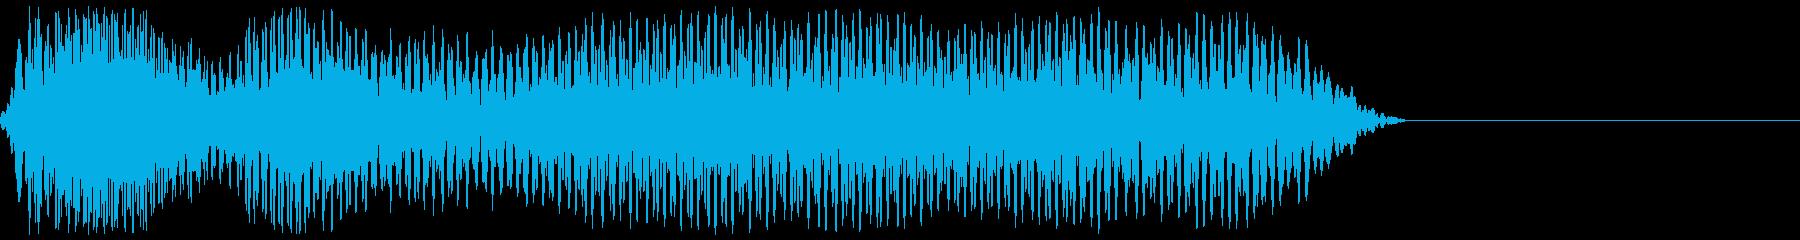 サッカーのホイッスル、警笛(ファウル1)の再生済みの波形